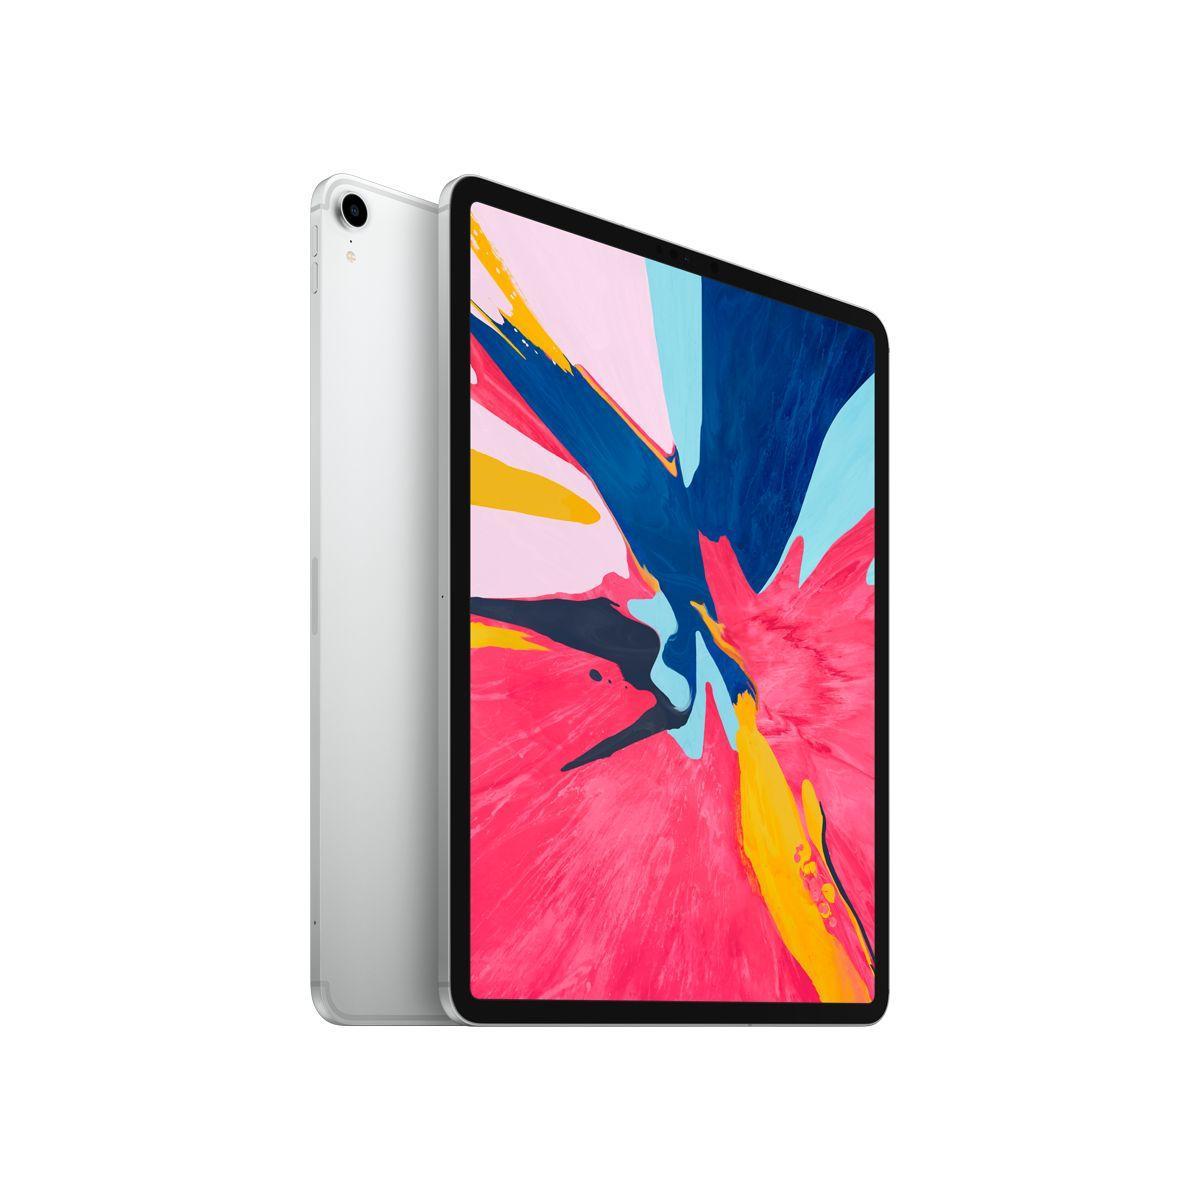 Tablette apple ipad pro new 12.9 cell 256go argent - livraison offerte : code livrelais (photo)